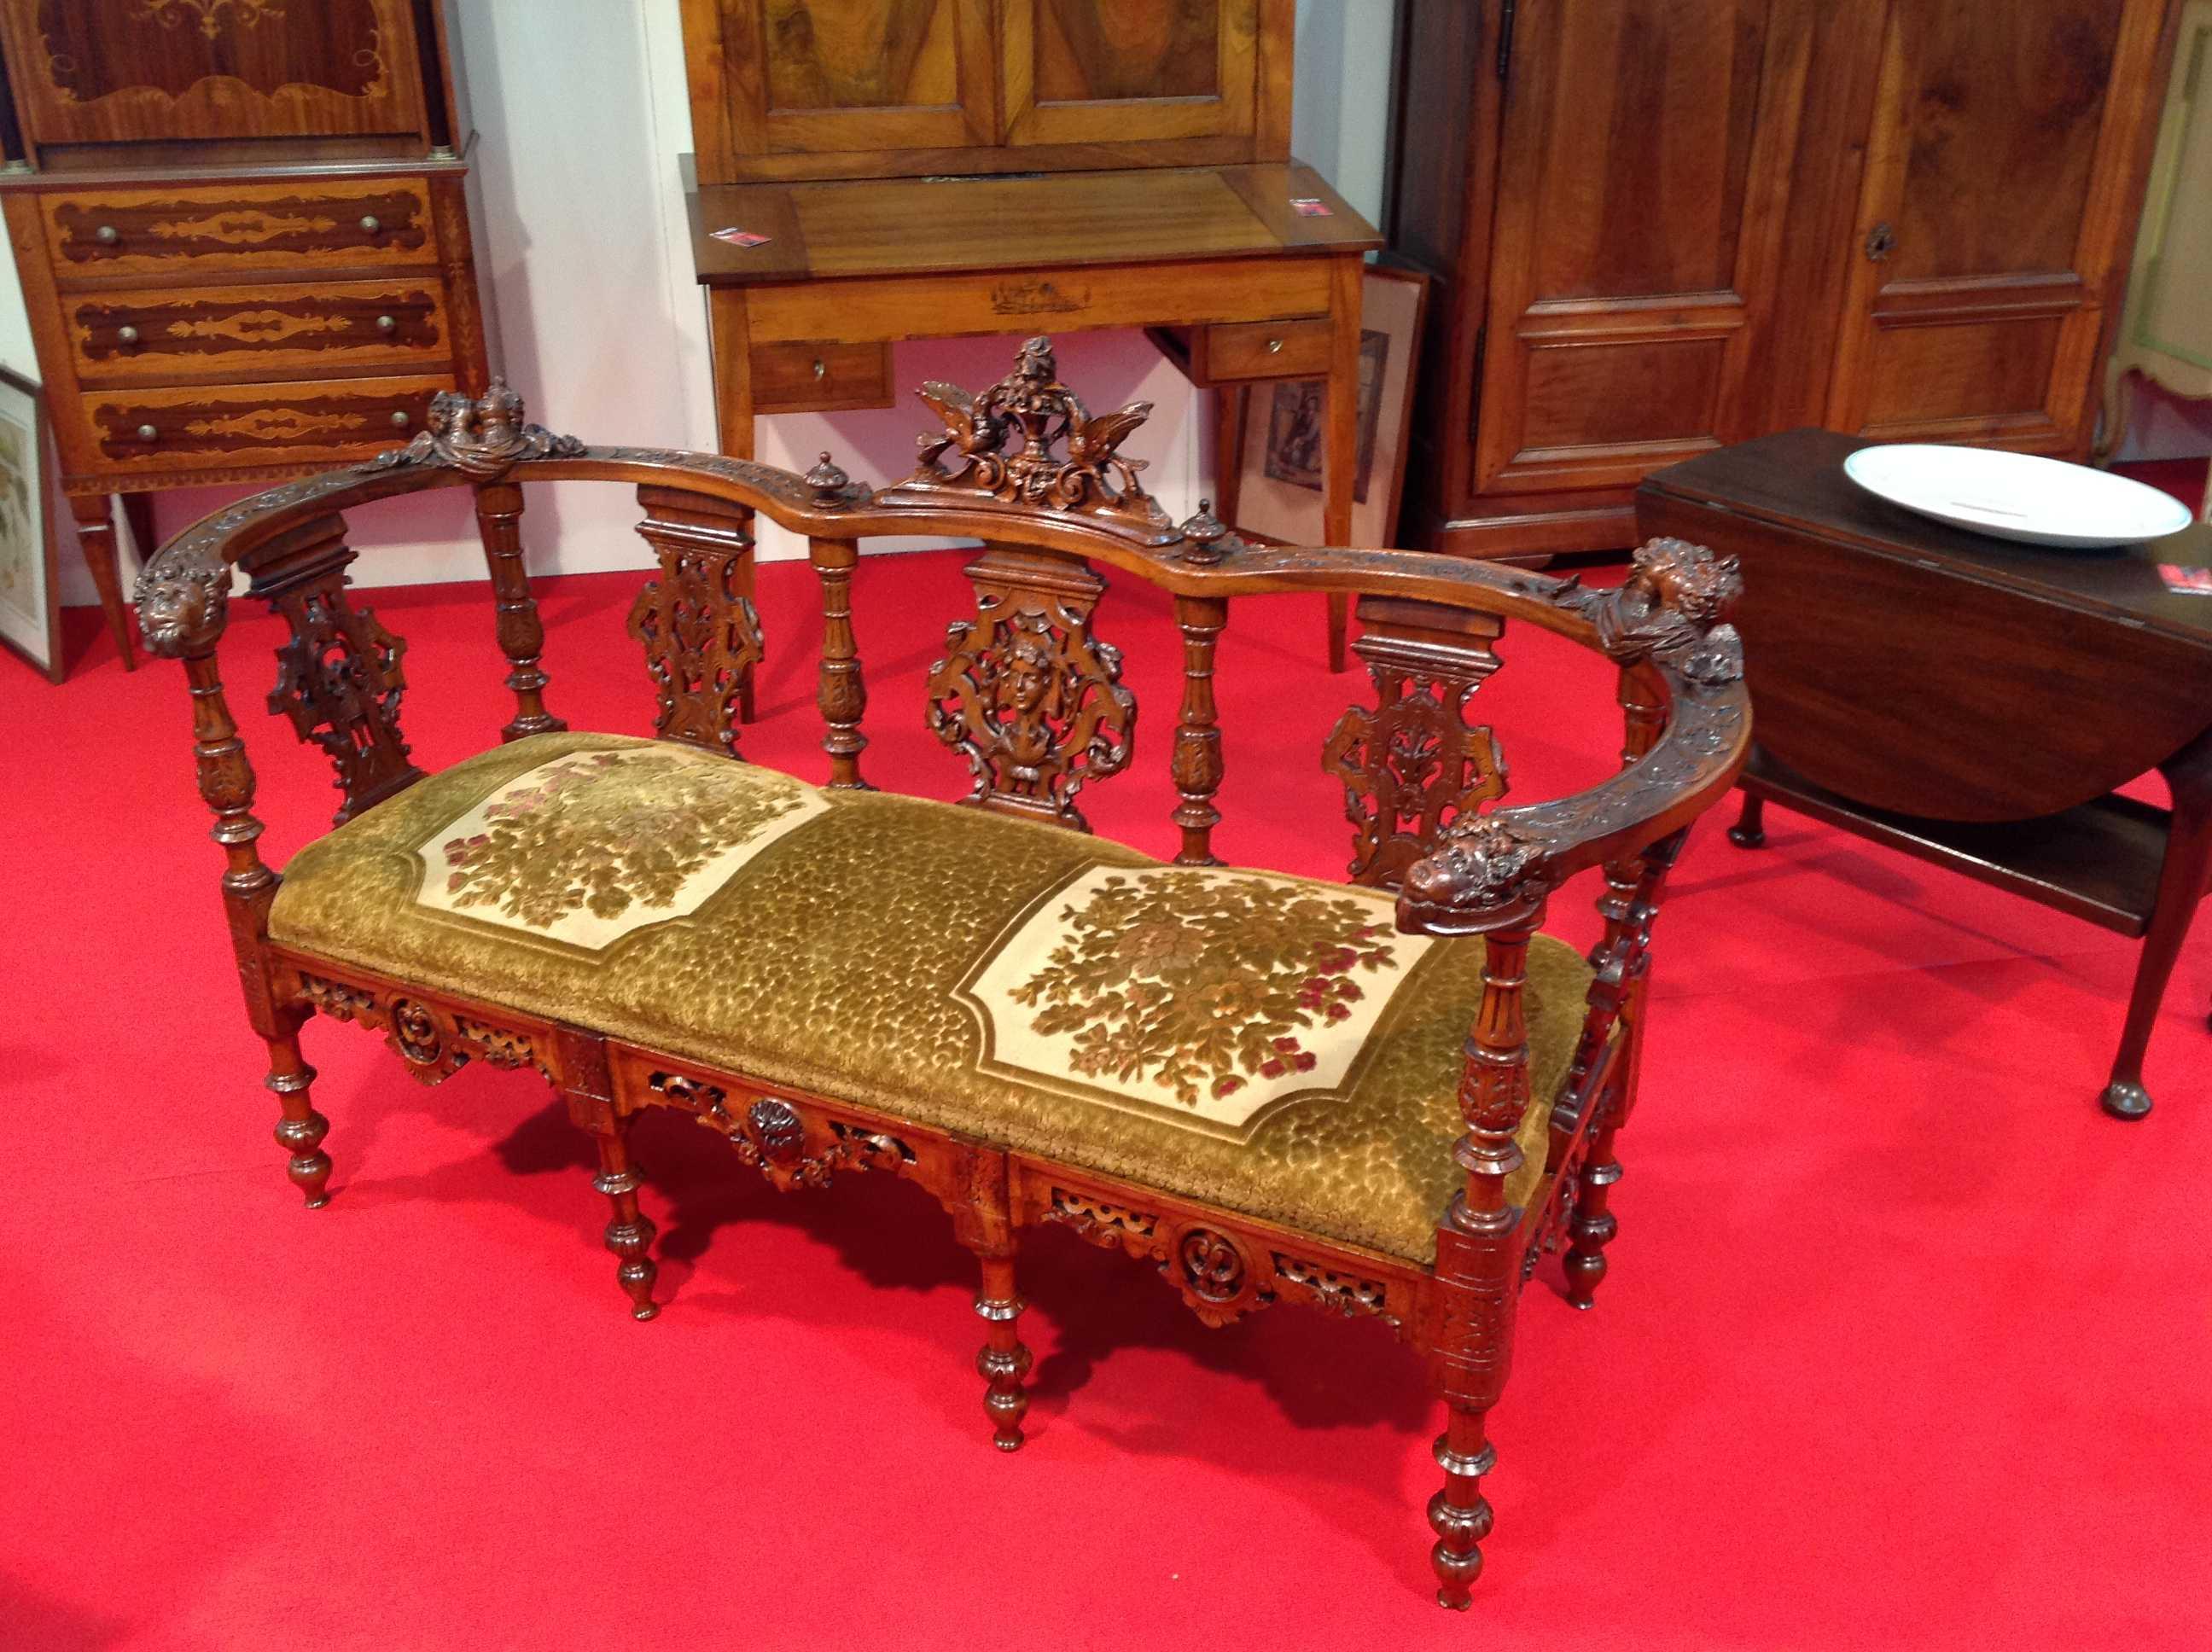 Divano intagliato arredamento mobili antiquariato musetti - Mobili di antiquariato ...